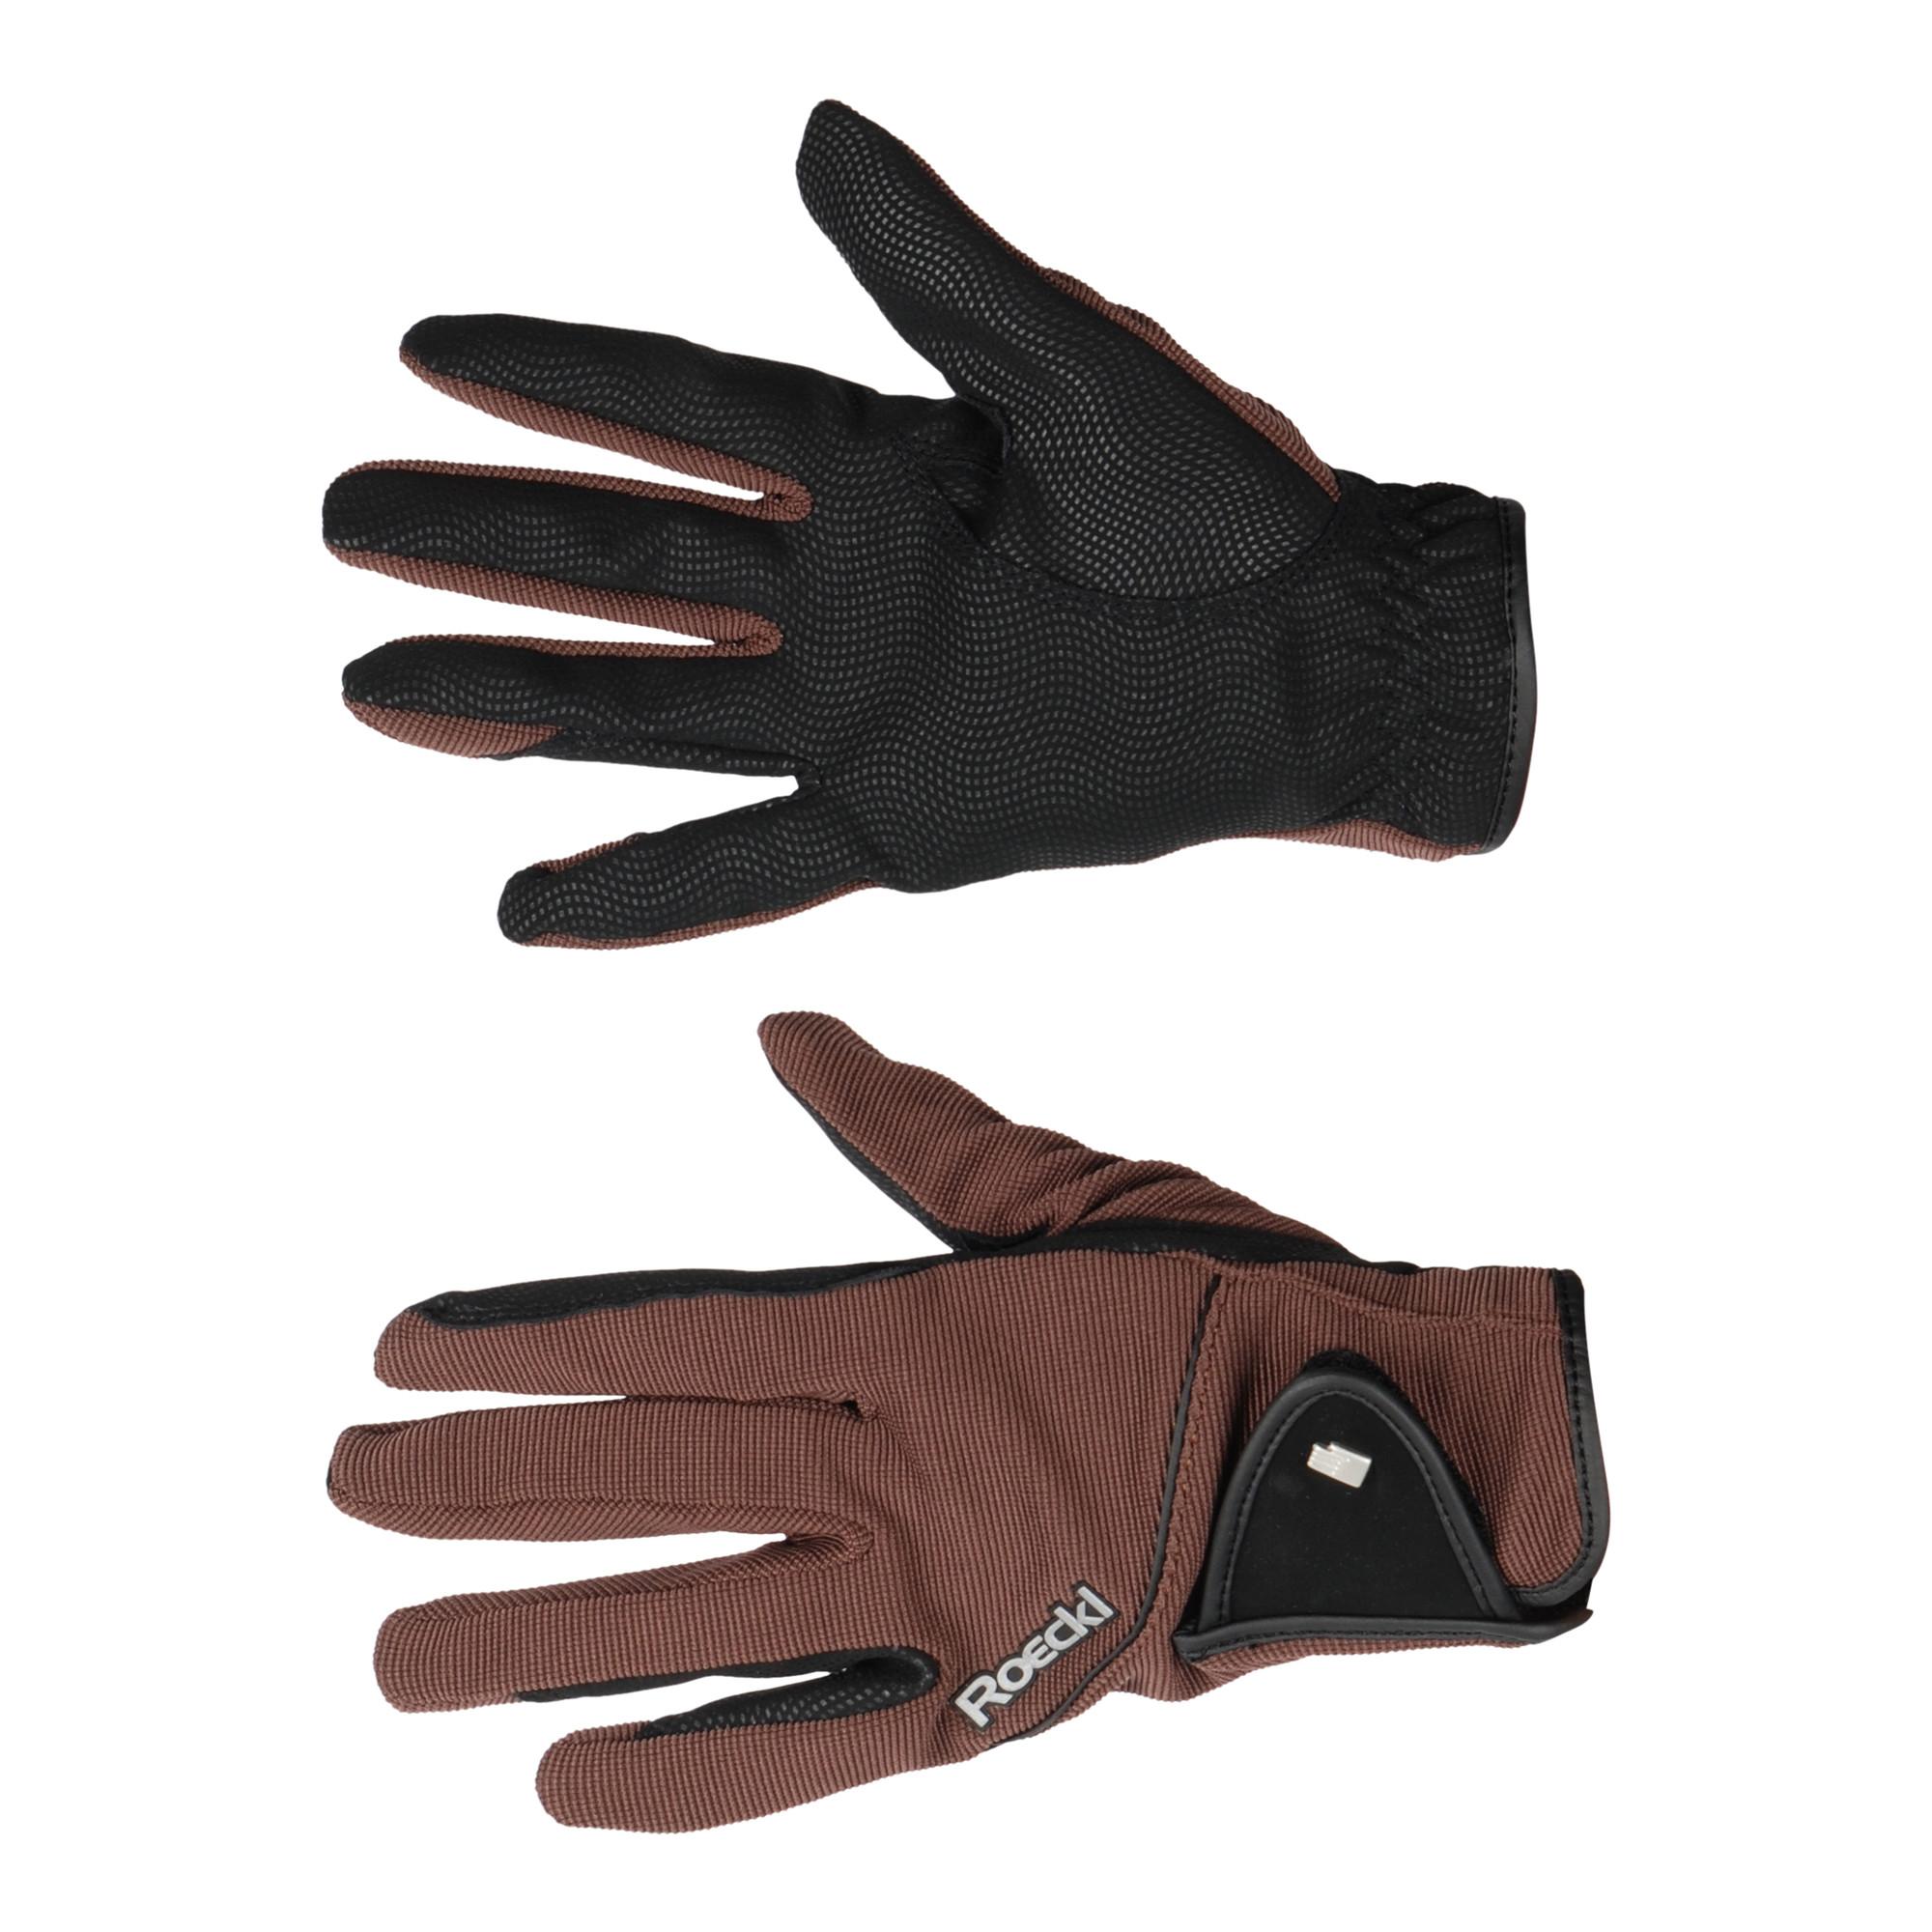 Roeckl Milano handschoenen donkerbruin maat:6.5